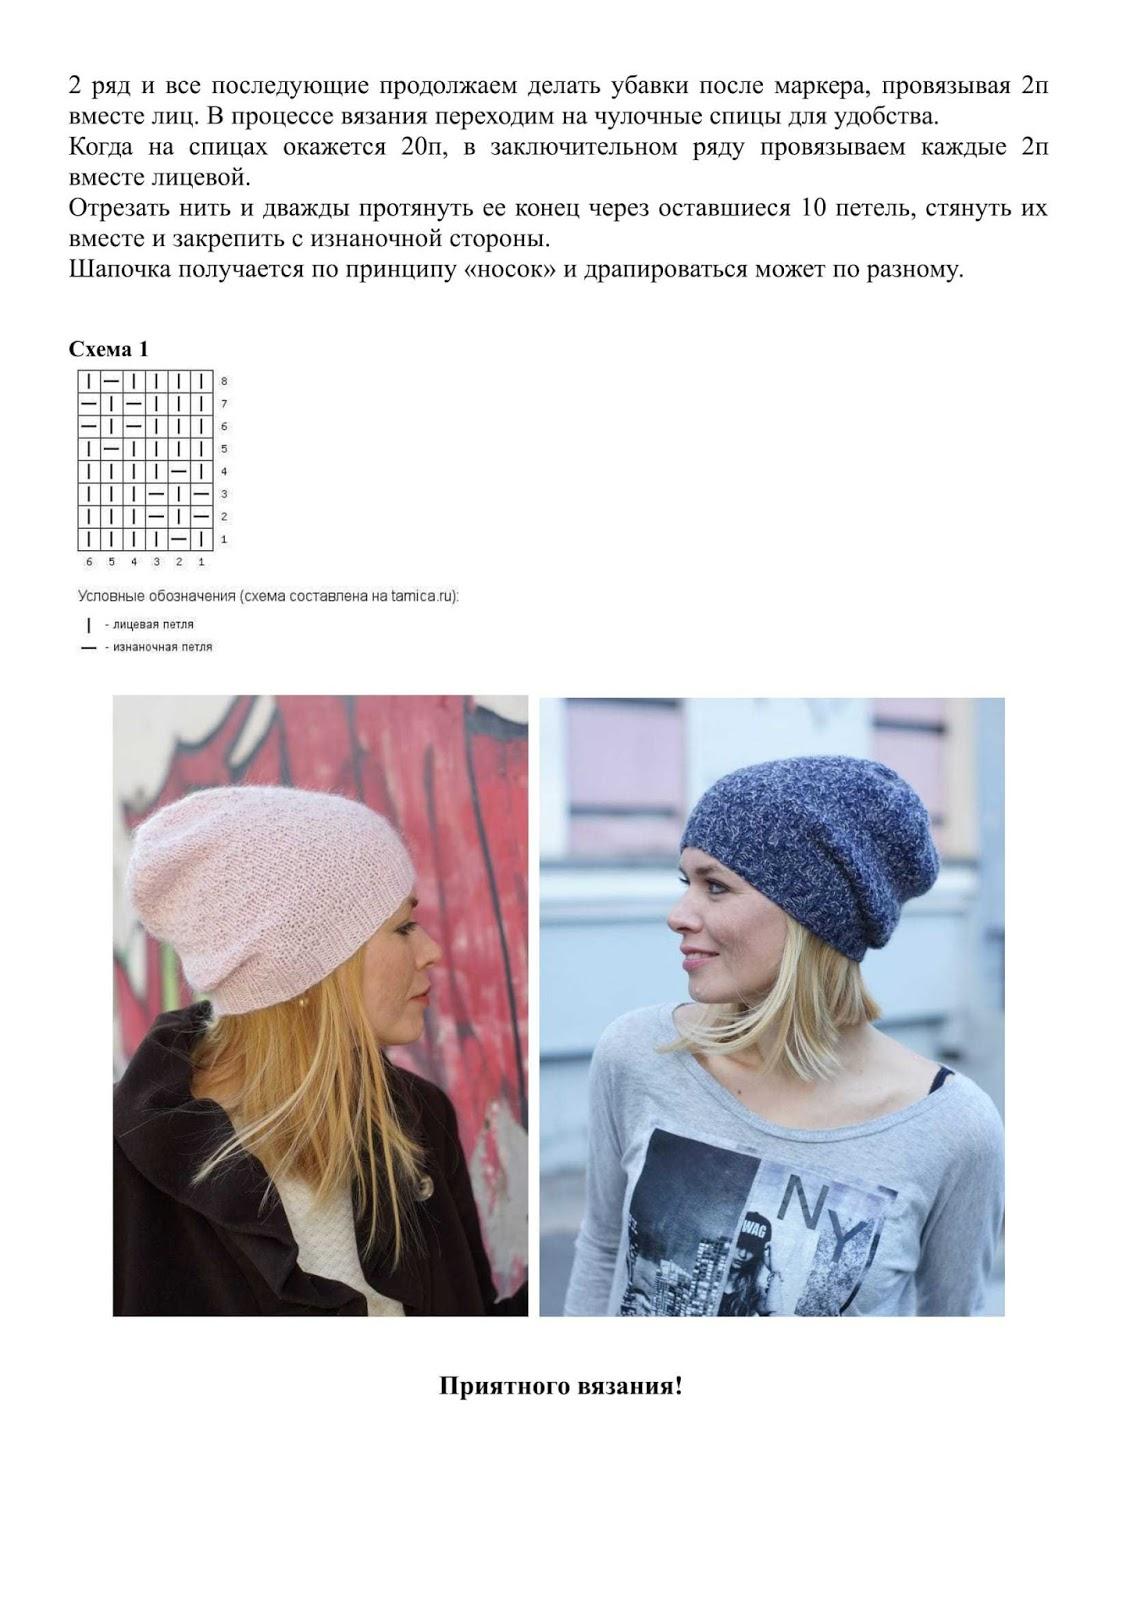 Вязание спицами для женщин модные шапки 2018 года 55